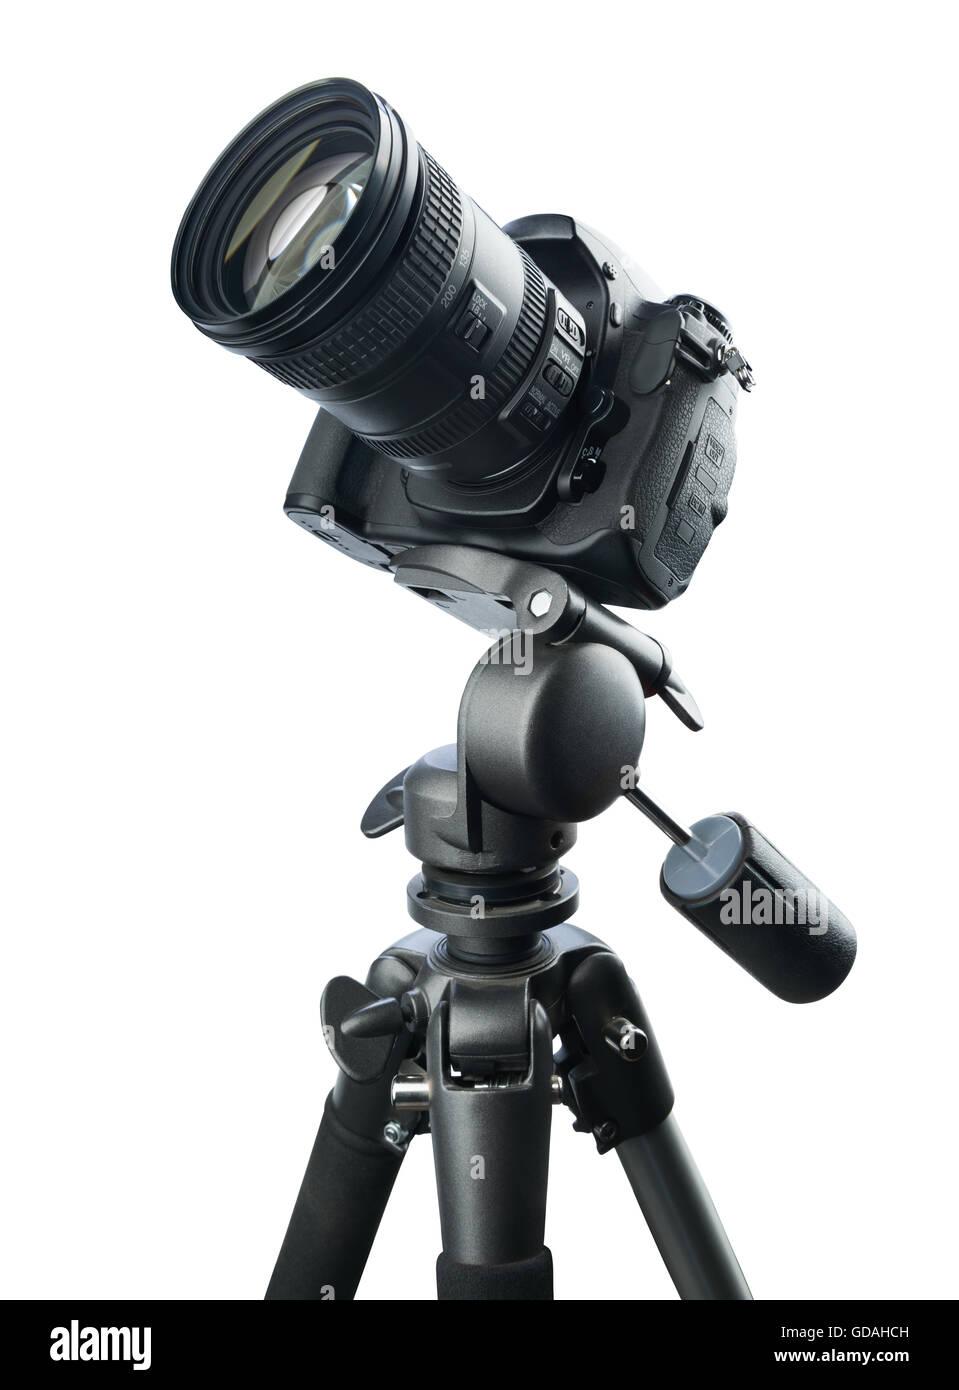 DSLR camera on tripod, isolated on white background - Stock Image